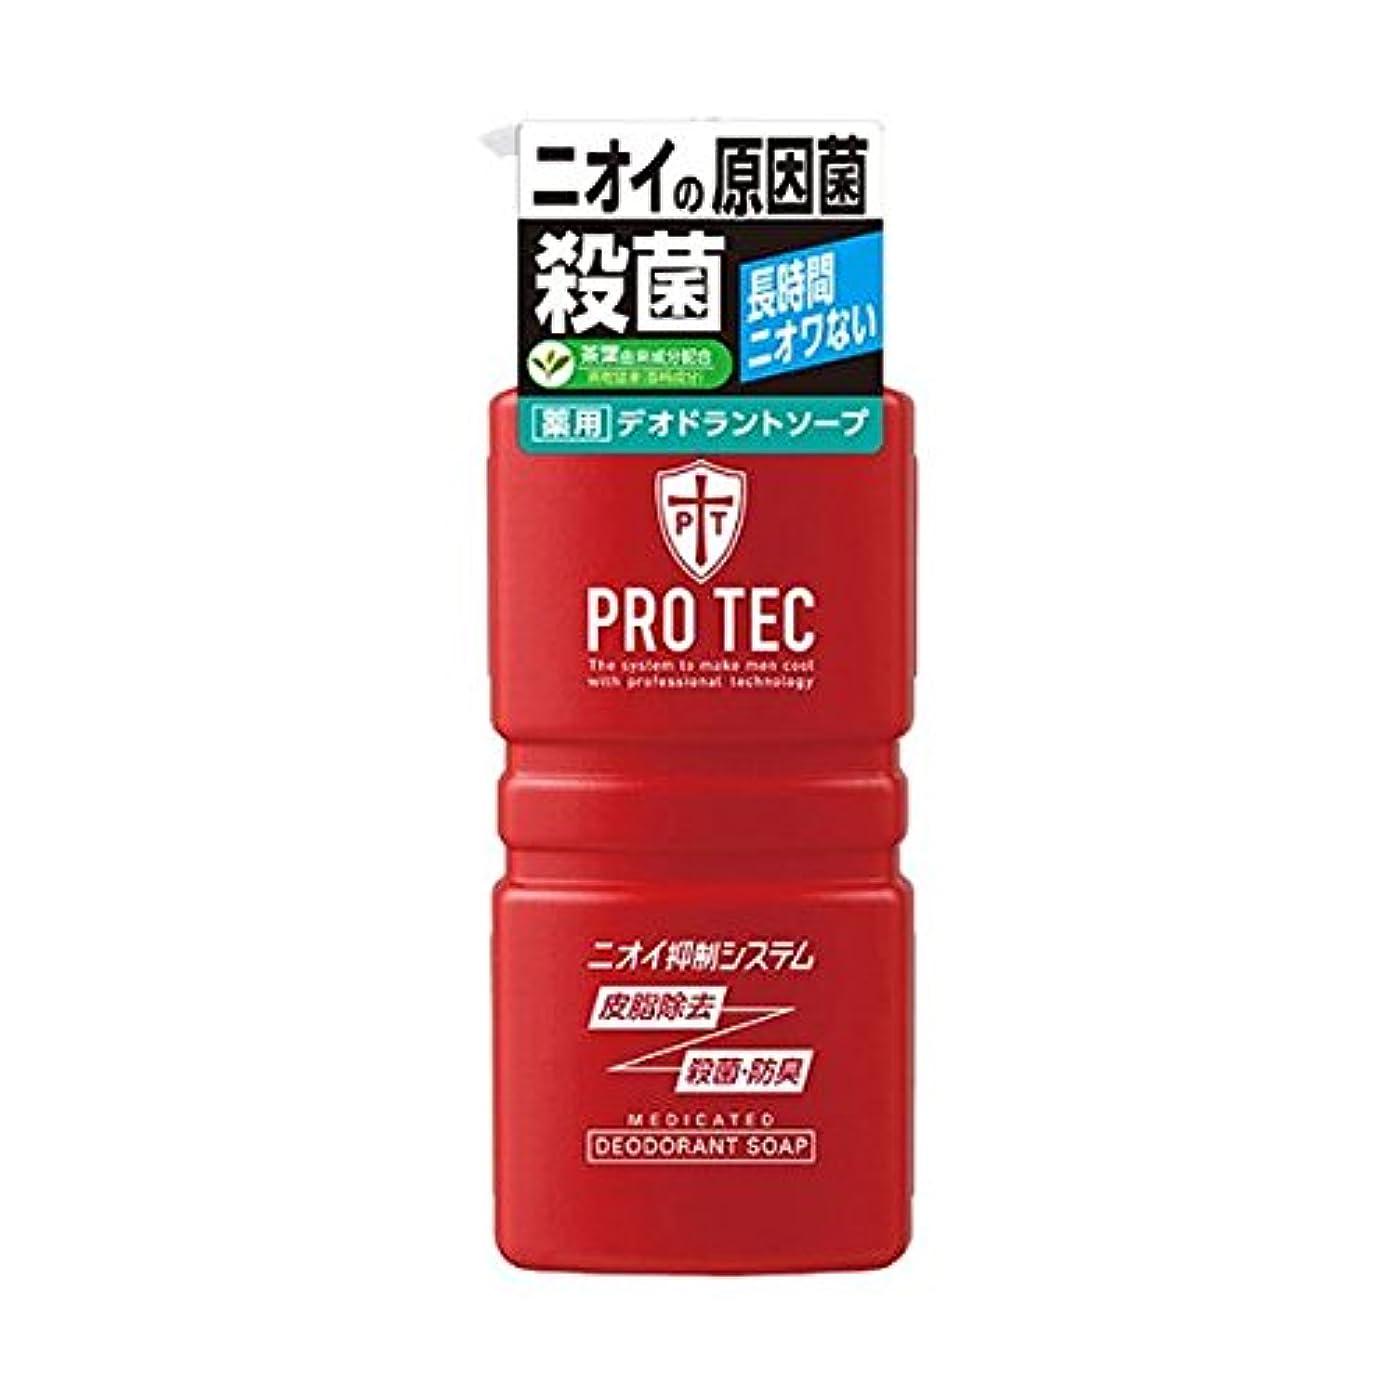 封建誇大妄想韓国PRO TEC デオドラントソープ ポンプ × 3個セット